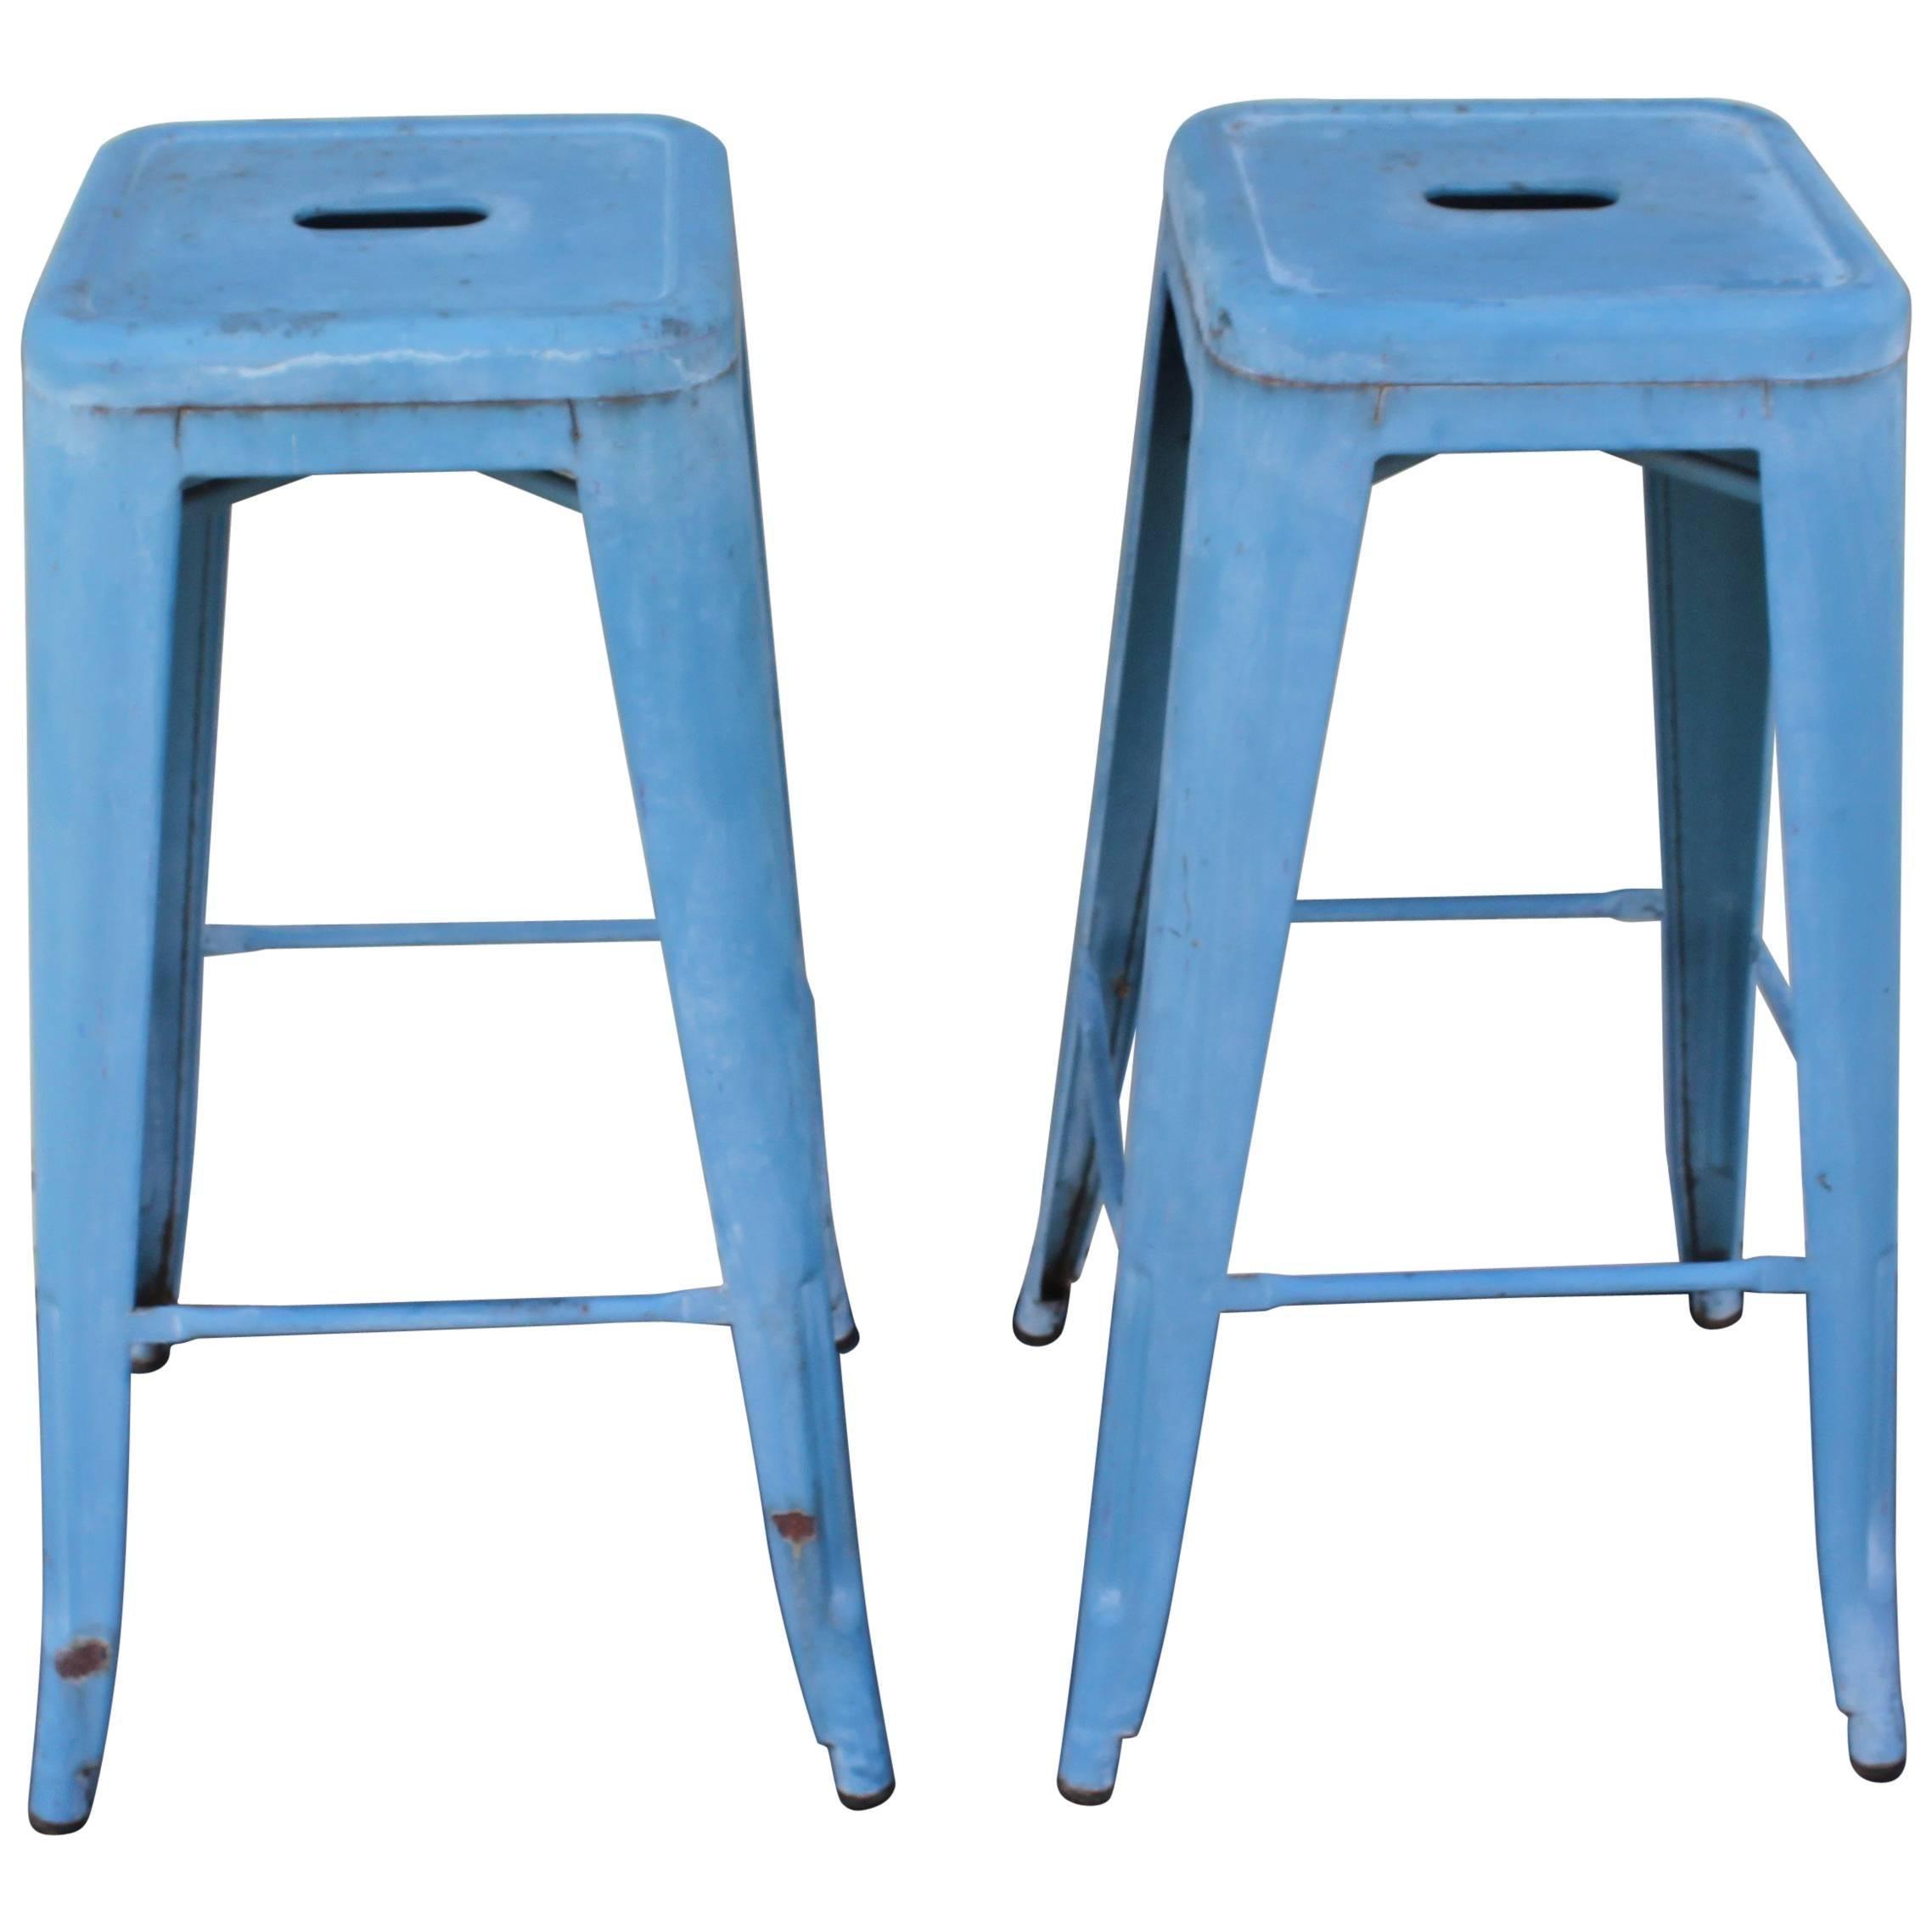 Wondrous Wooden Blue And Cream Painted Stool Inzonedesignstudio Interior Chair Design Inzonedesignstudiocom